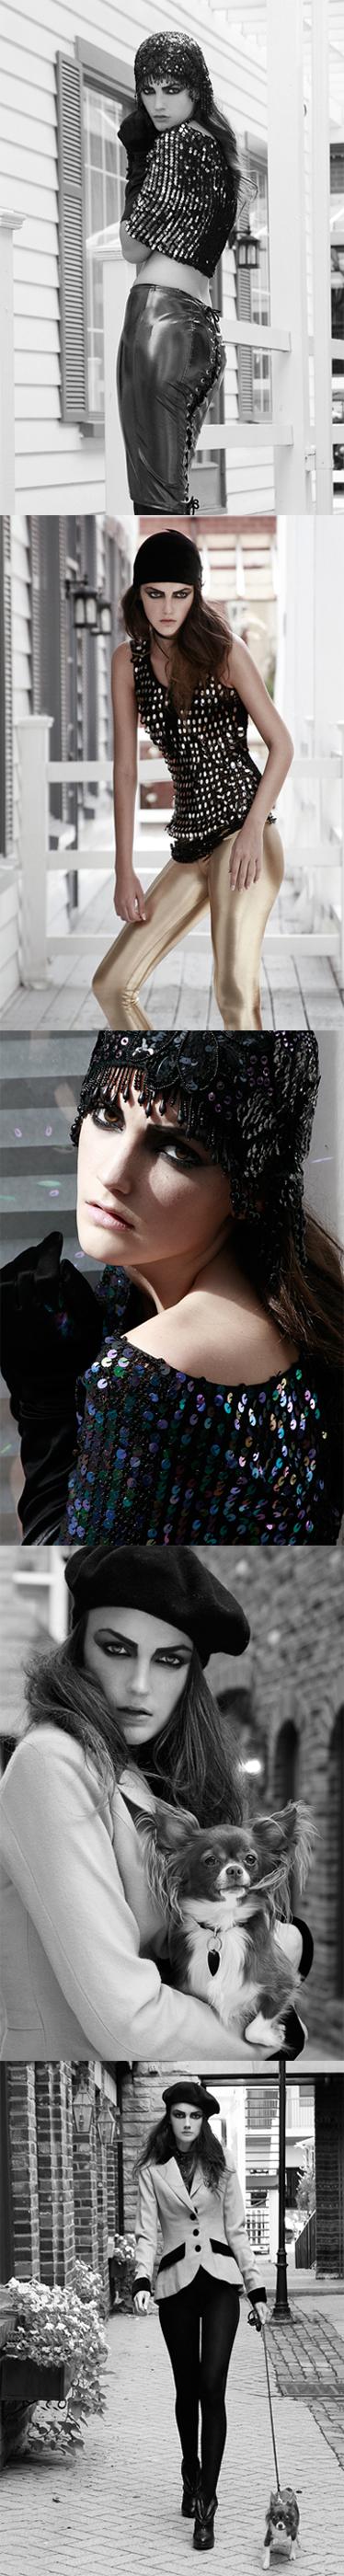 Sep 19, 2008 Taryn (Giovanni) makeup&hair: Steph, Wardrobe: Alanna